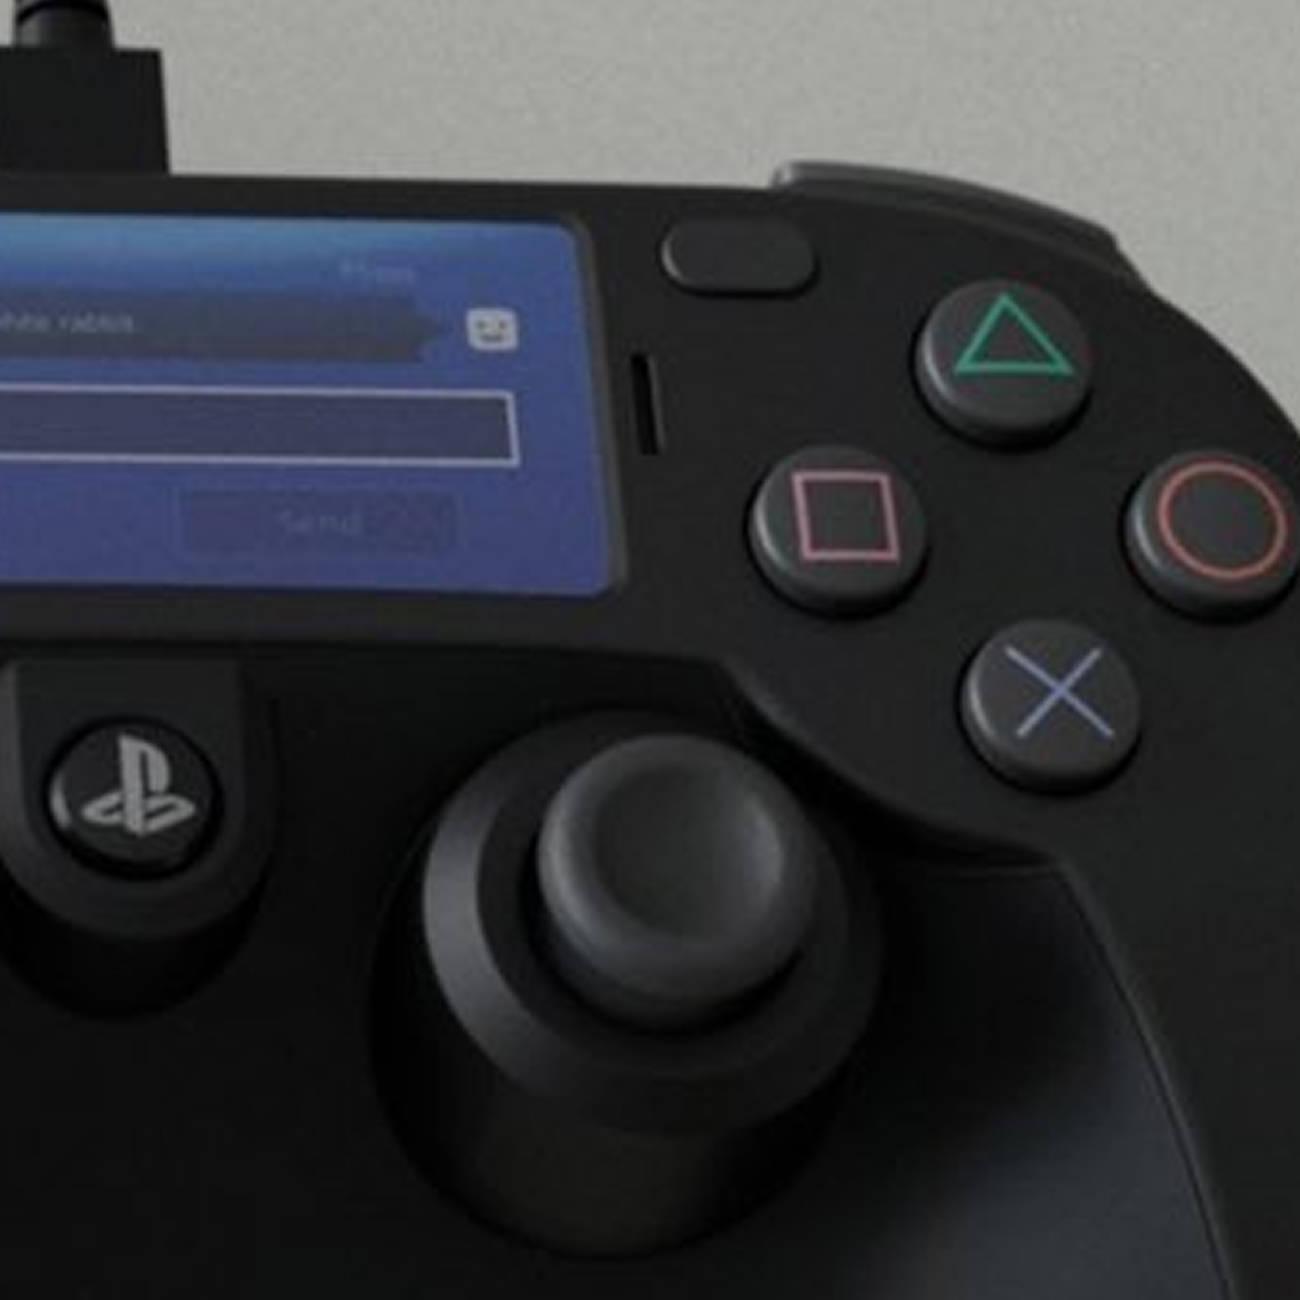 プレイステーション5、コントローラーの画像がリークされたと言